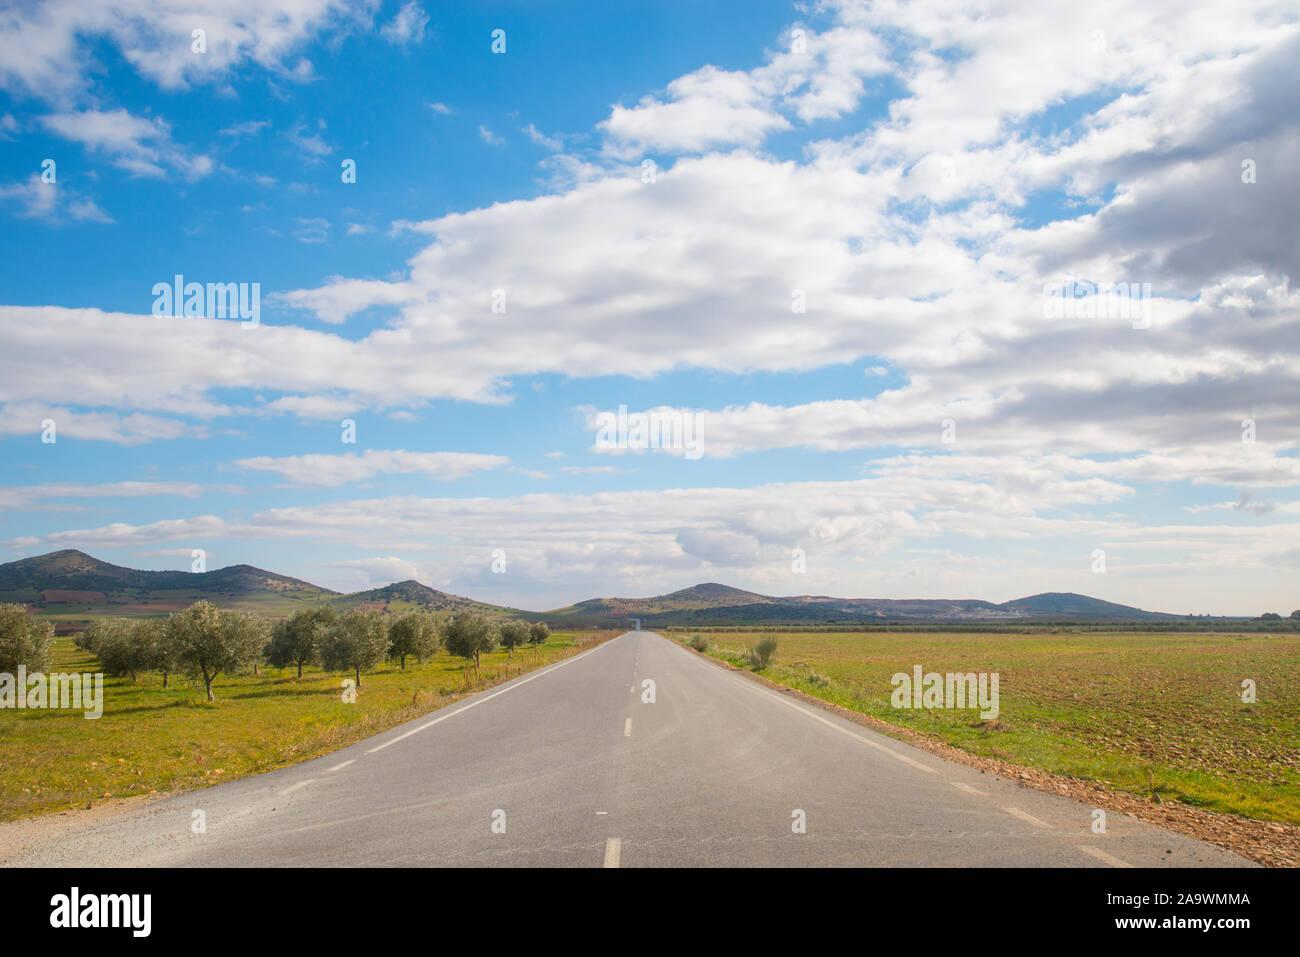 Byway and olive groves. Fuente el Fresno, Ciudad Real province, Castilla La Mancha, Spain. Stock Photo